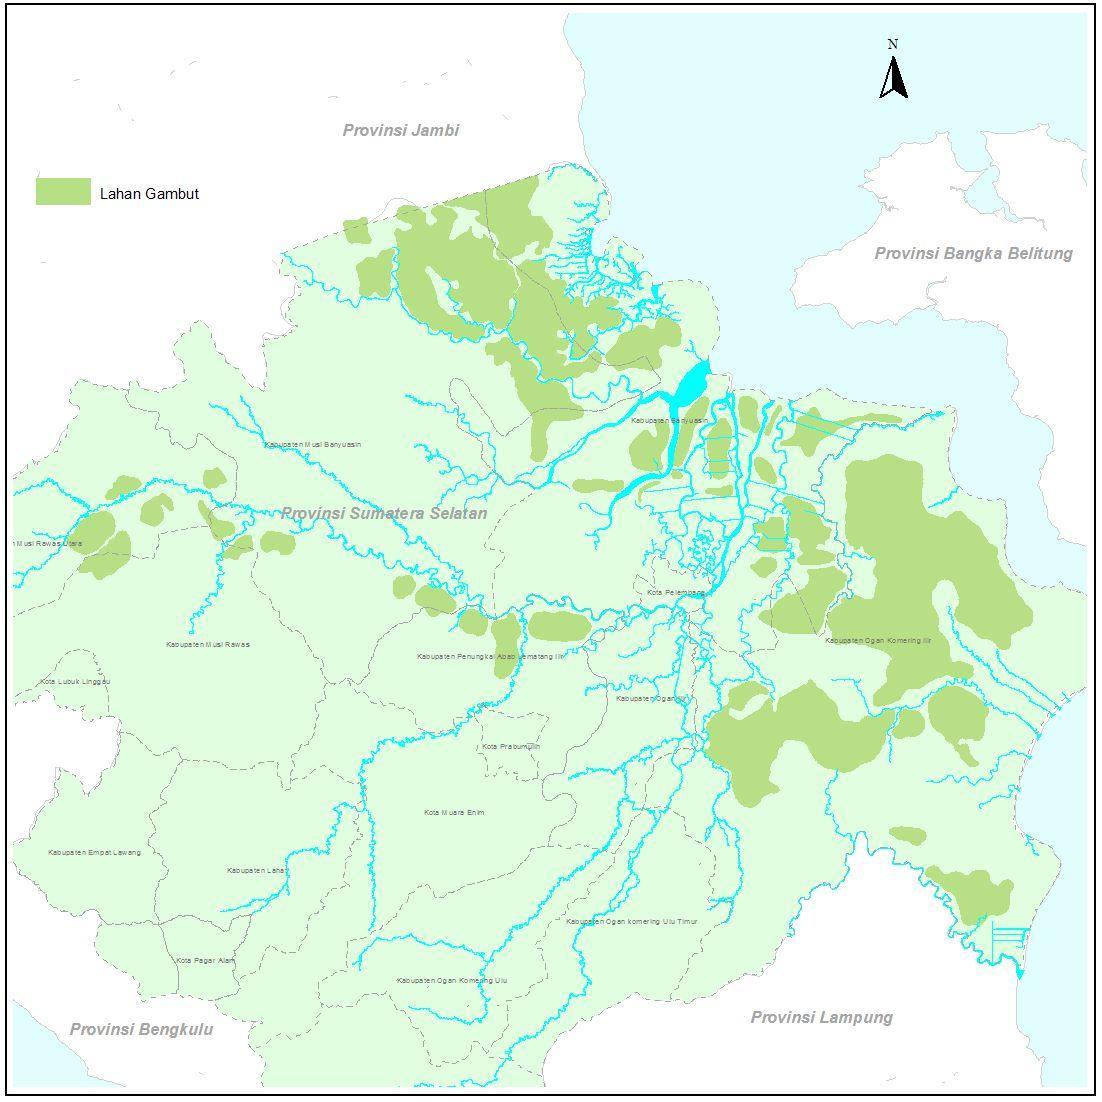 Sebaran Lahan Gambut Provinsi Sumatera Selatan